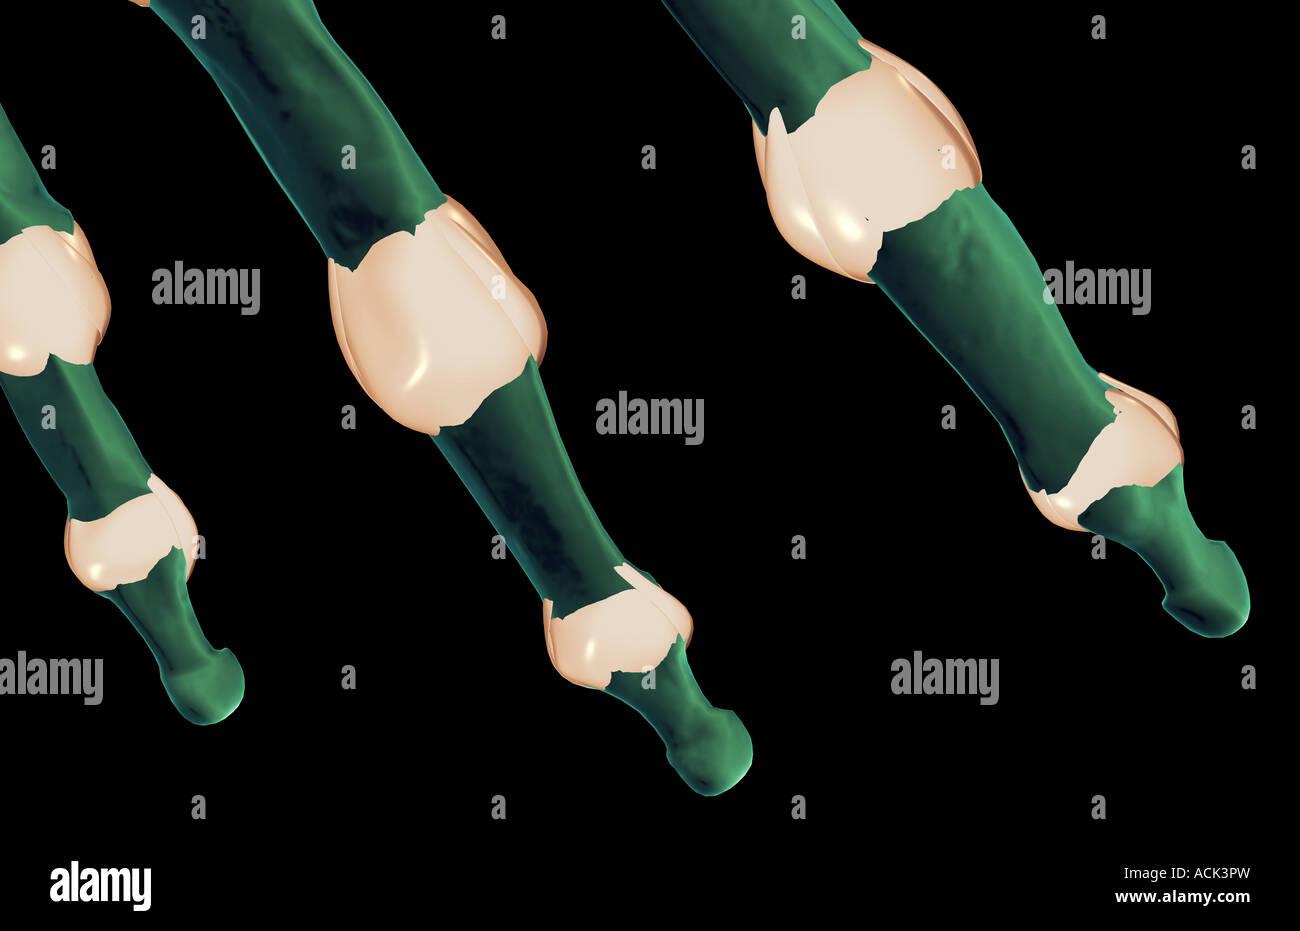 Die Bänder der Finger Stockfoto, Bild: 13175616 - Alamy